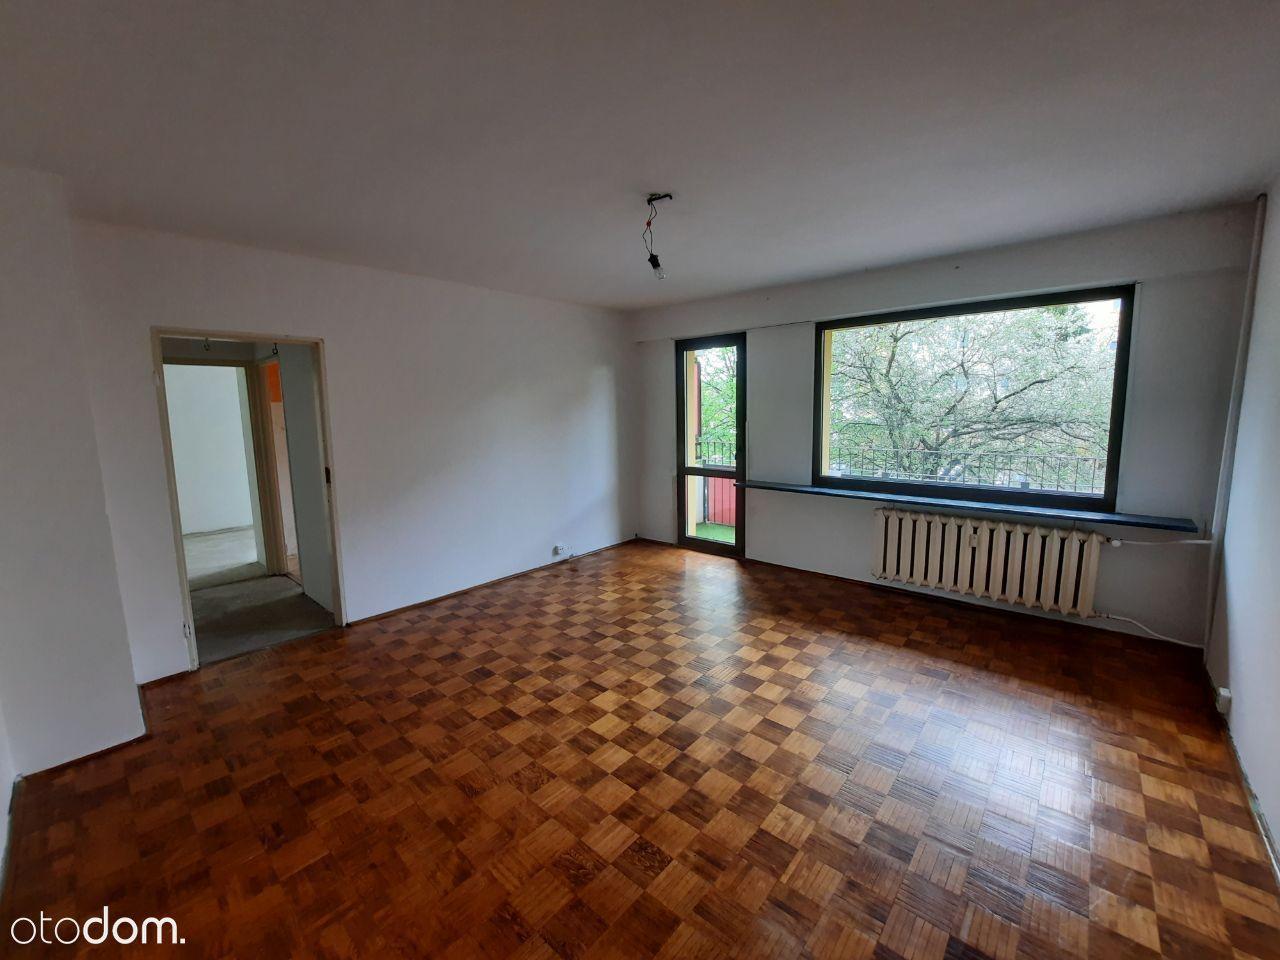 Mieszkanie 4 pokojowe *79m2 na os. Zielone Wzgórza